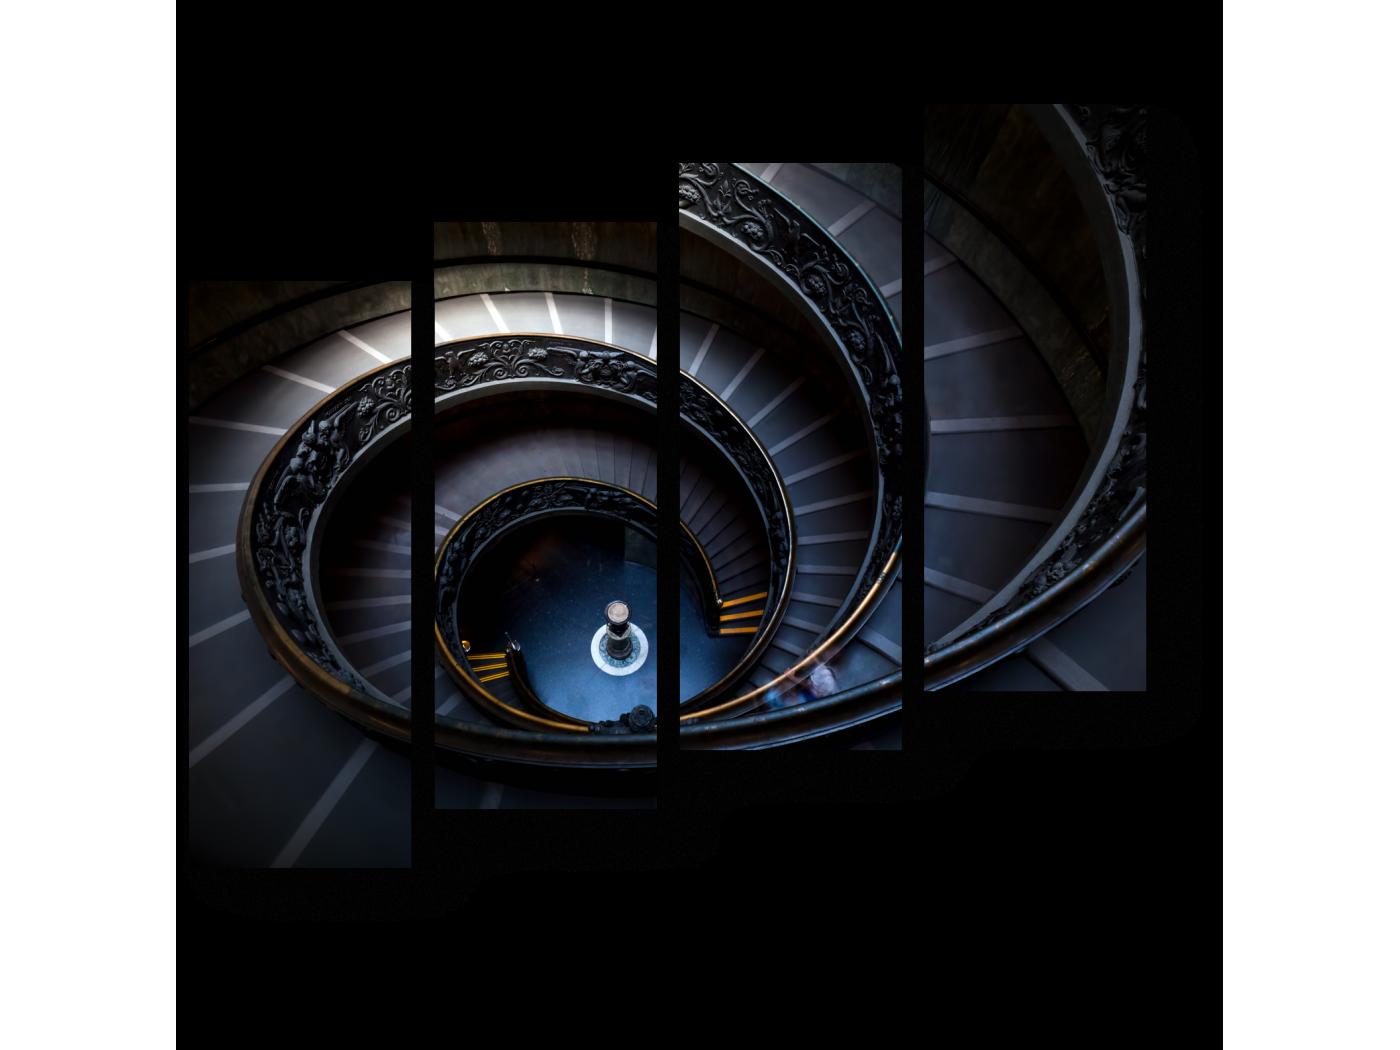 Модульная картина Мистическая атмосфера (80x69) фото